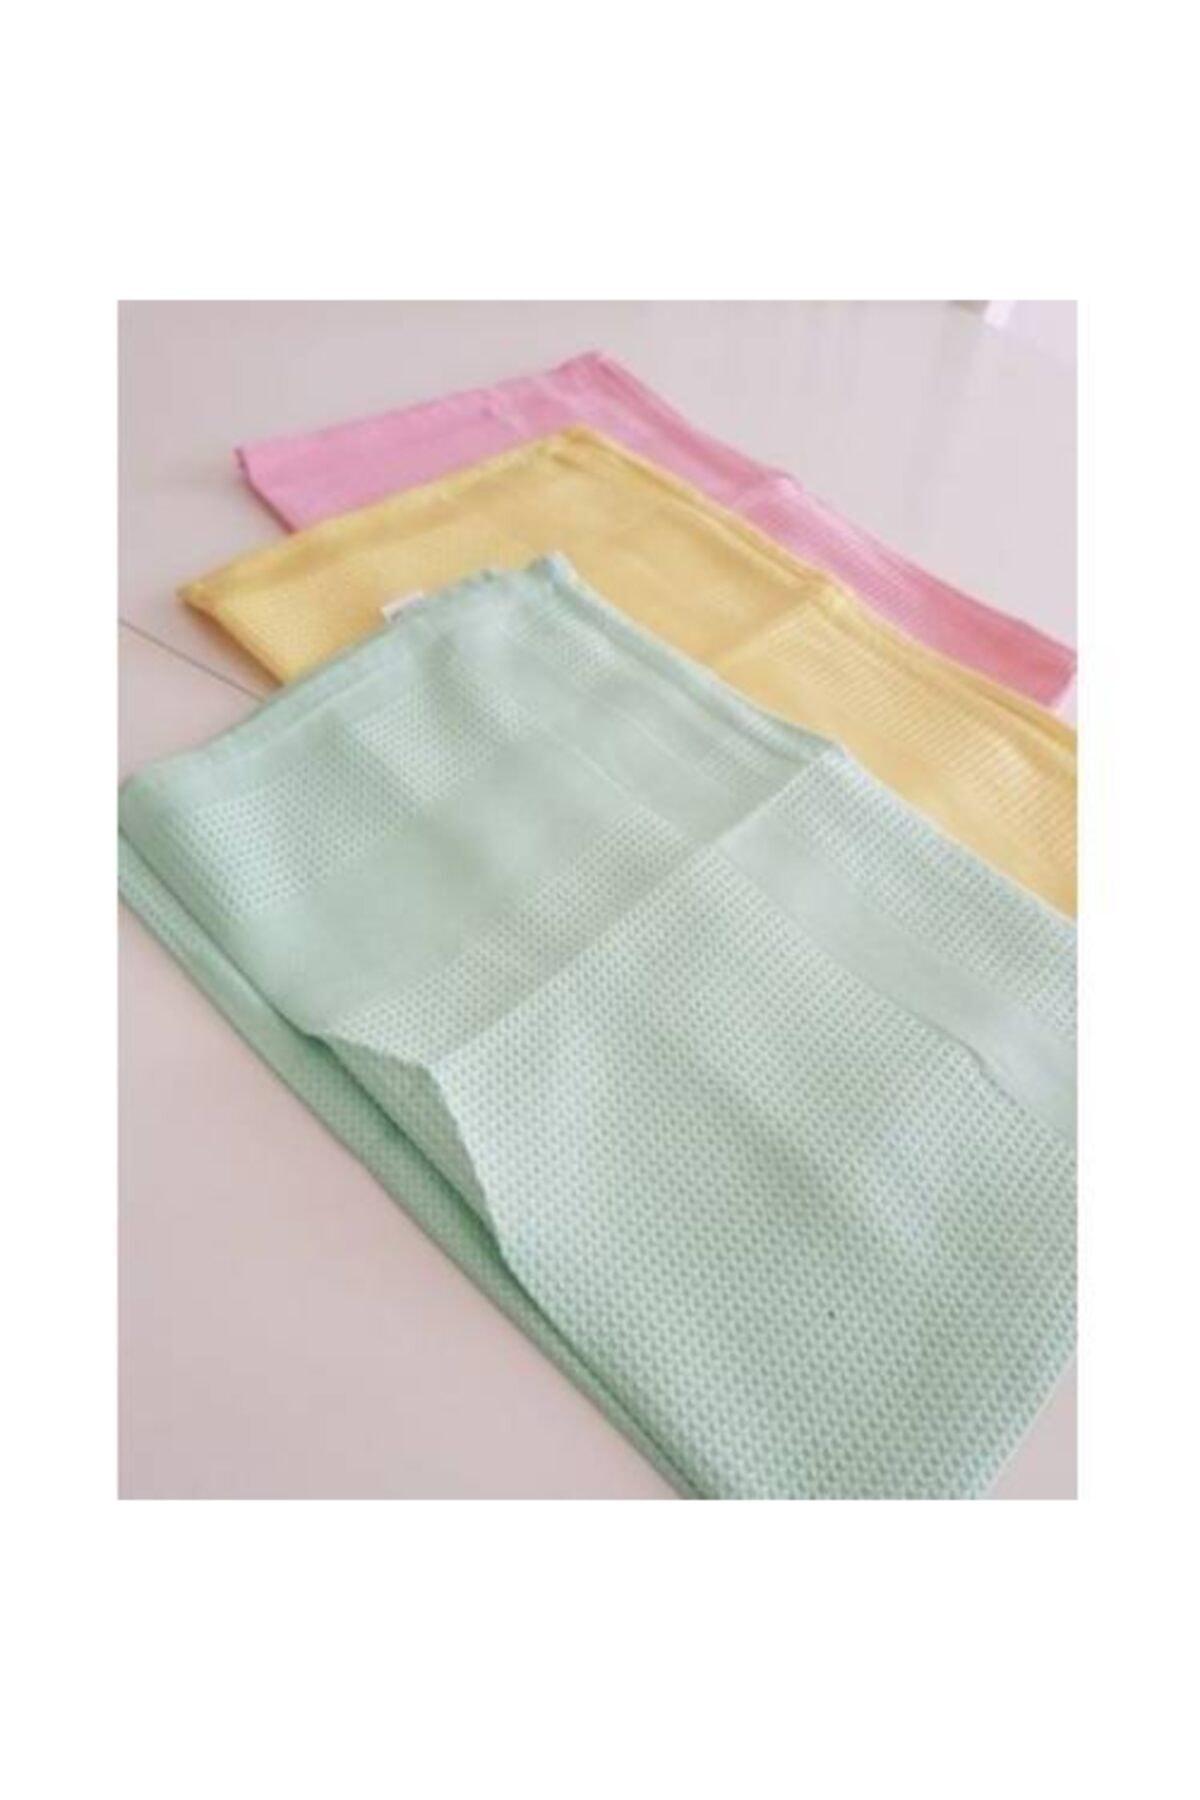 Ekostem Genel Kullanım Temizlik Bezi 3 Adet Çok Renkli Mikrofiber Bez